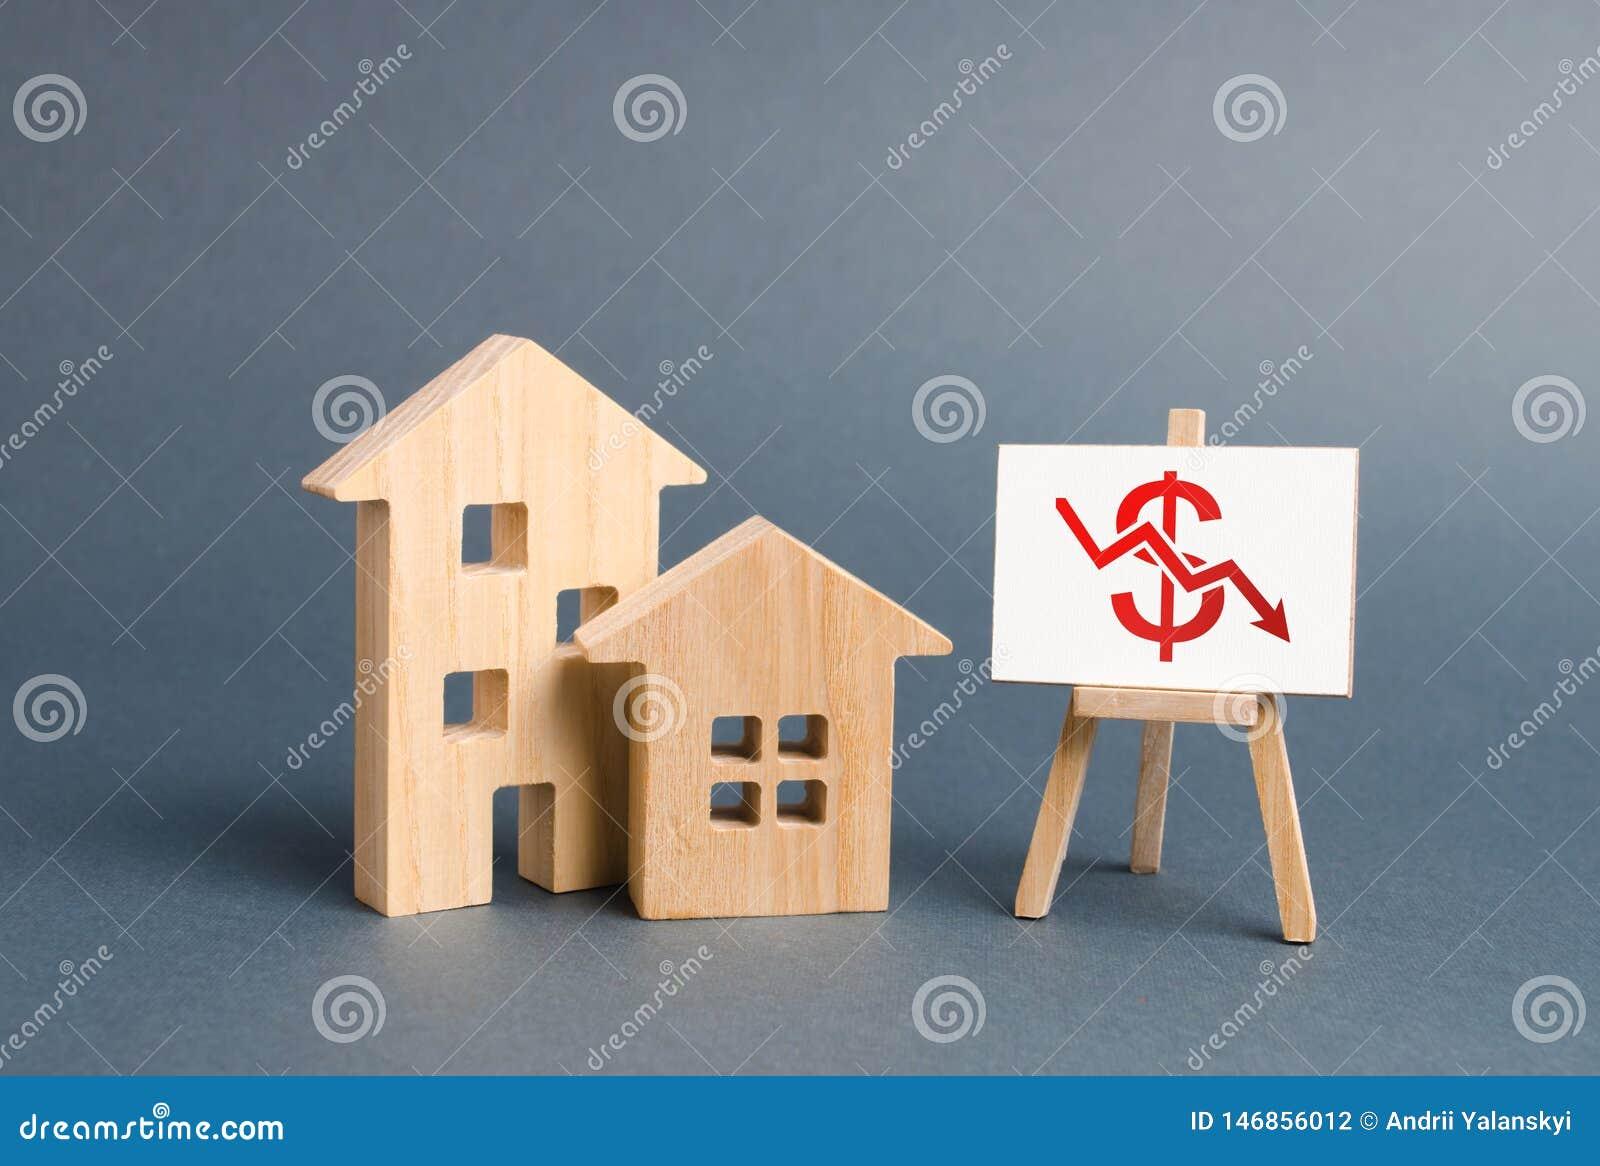 Dwa drewnianego domu i plakat z symbolem spada wartość poj?cie nieruchomo?ci warto?ci zmniejszanie niska p?ynno??